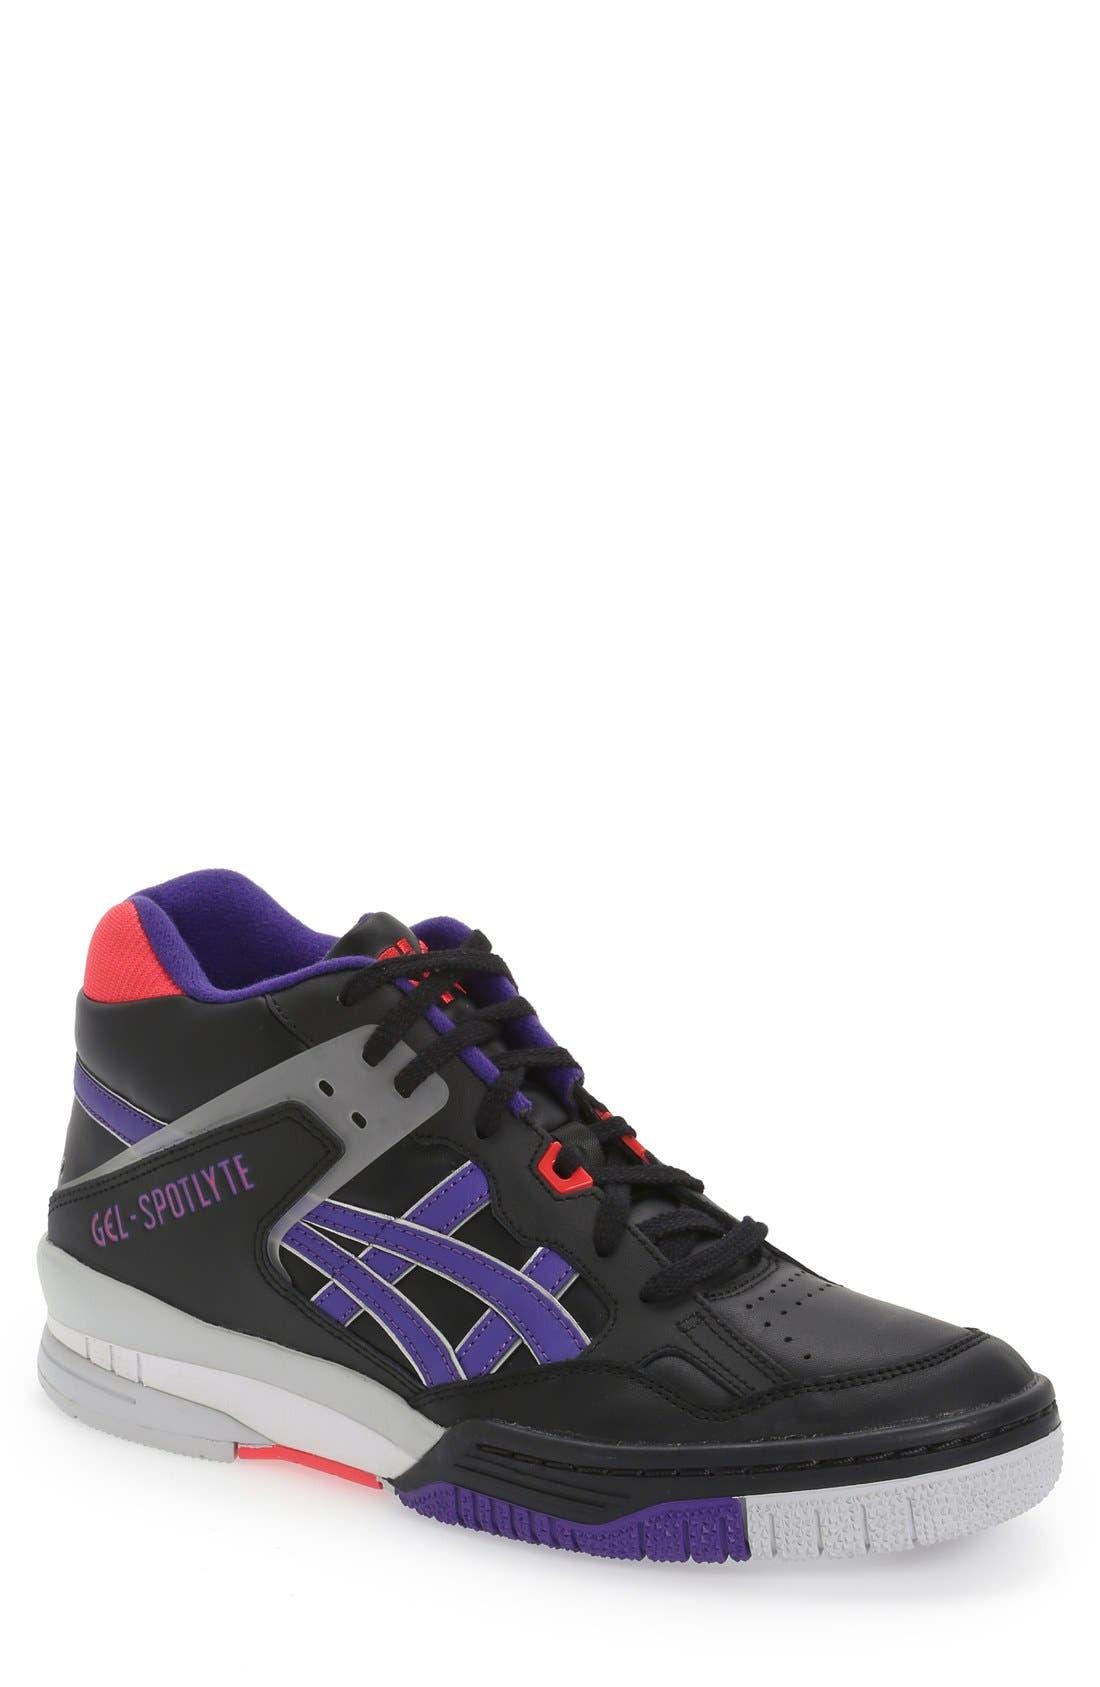 Alternate Image 1 Selected - ASICS® 'GEL-Spotlyte' Sneaker (Men)